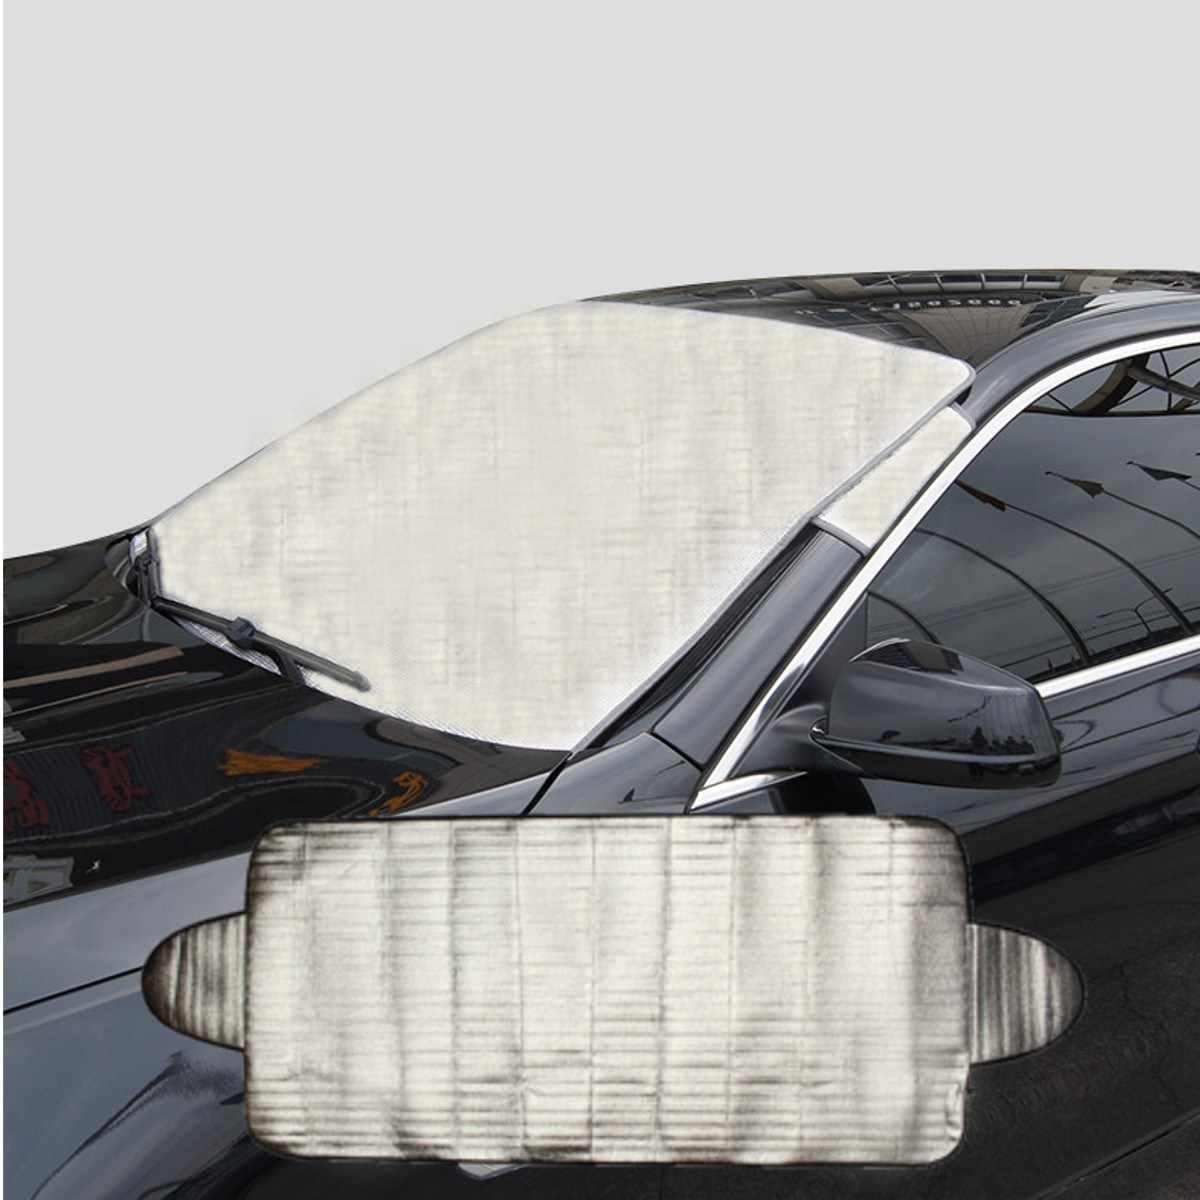 オートカバー車のフロントガラスフロントガラスサンシェードサンバイザーサイオン FR-S iA iM iQ tC xA xD Zastava 10 フロリダ skala Yugo